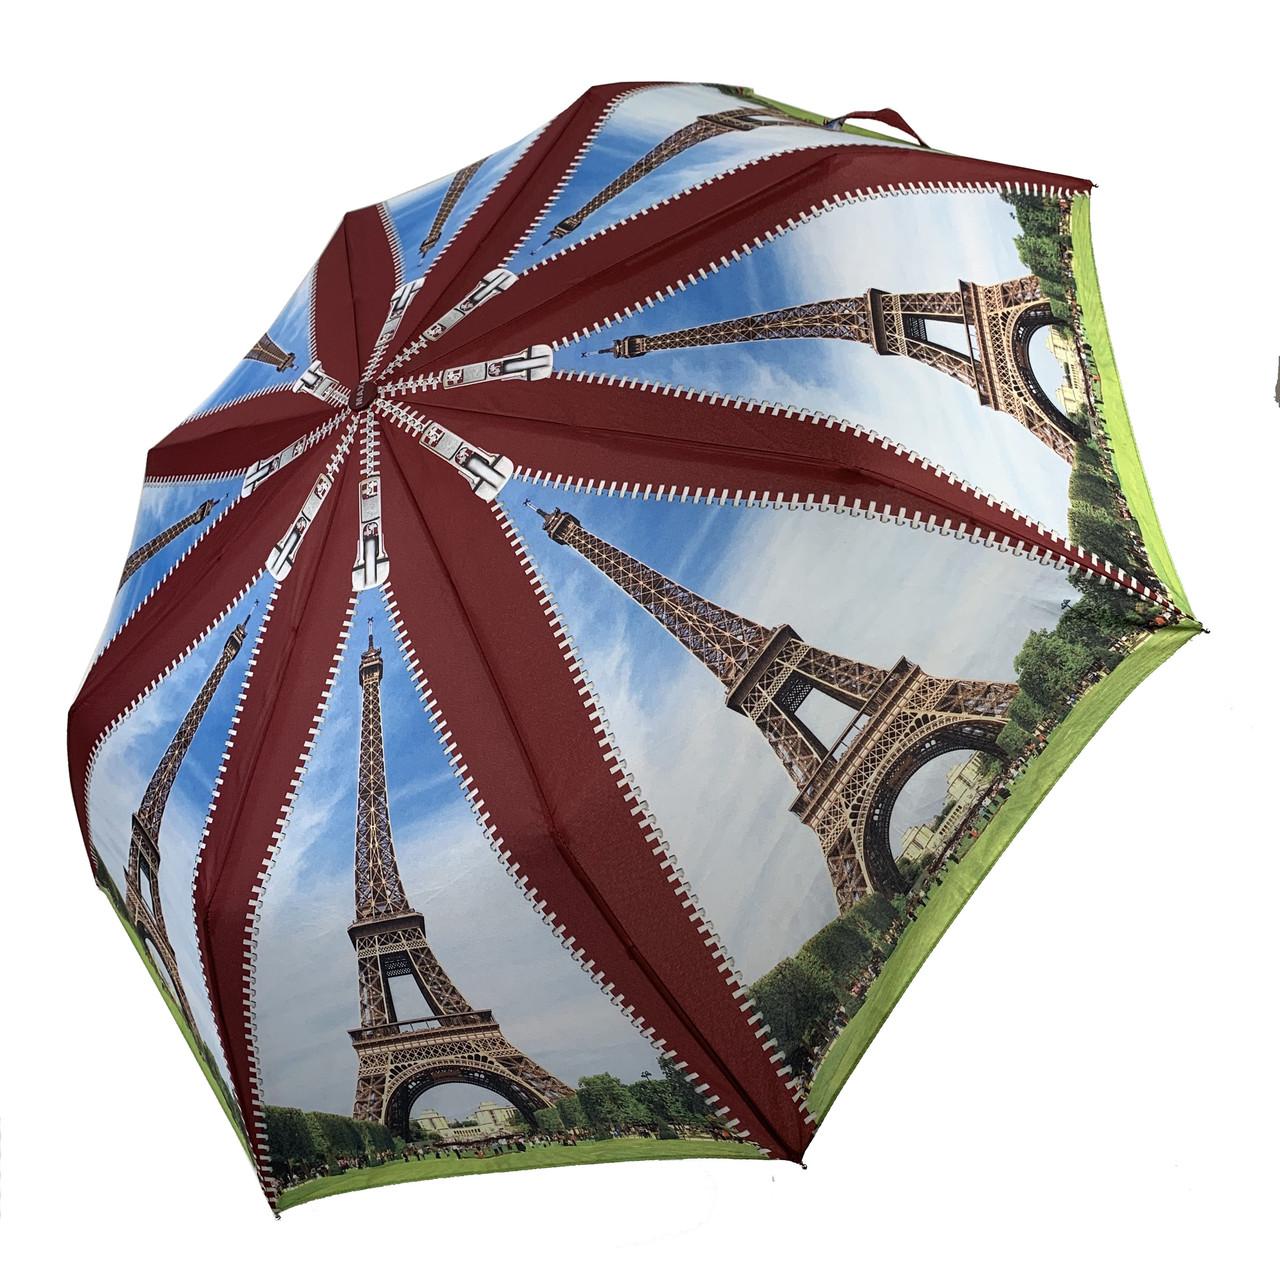 Женский складной зонт-полуавтомат с облегченным каркасом и Эйфелевой башней от Max, бордовая ручка, 314-5